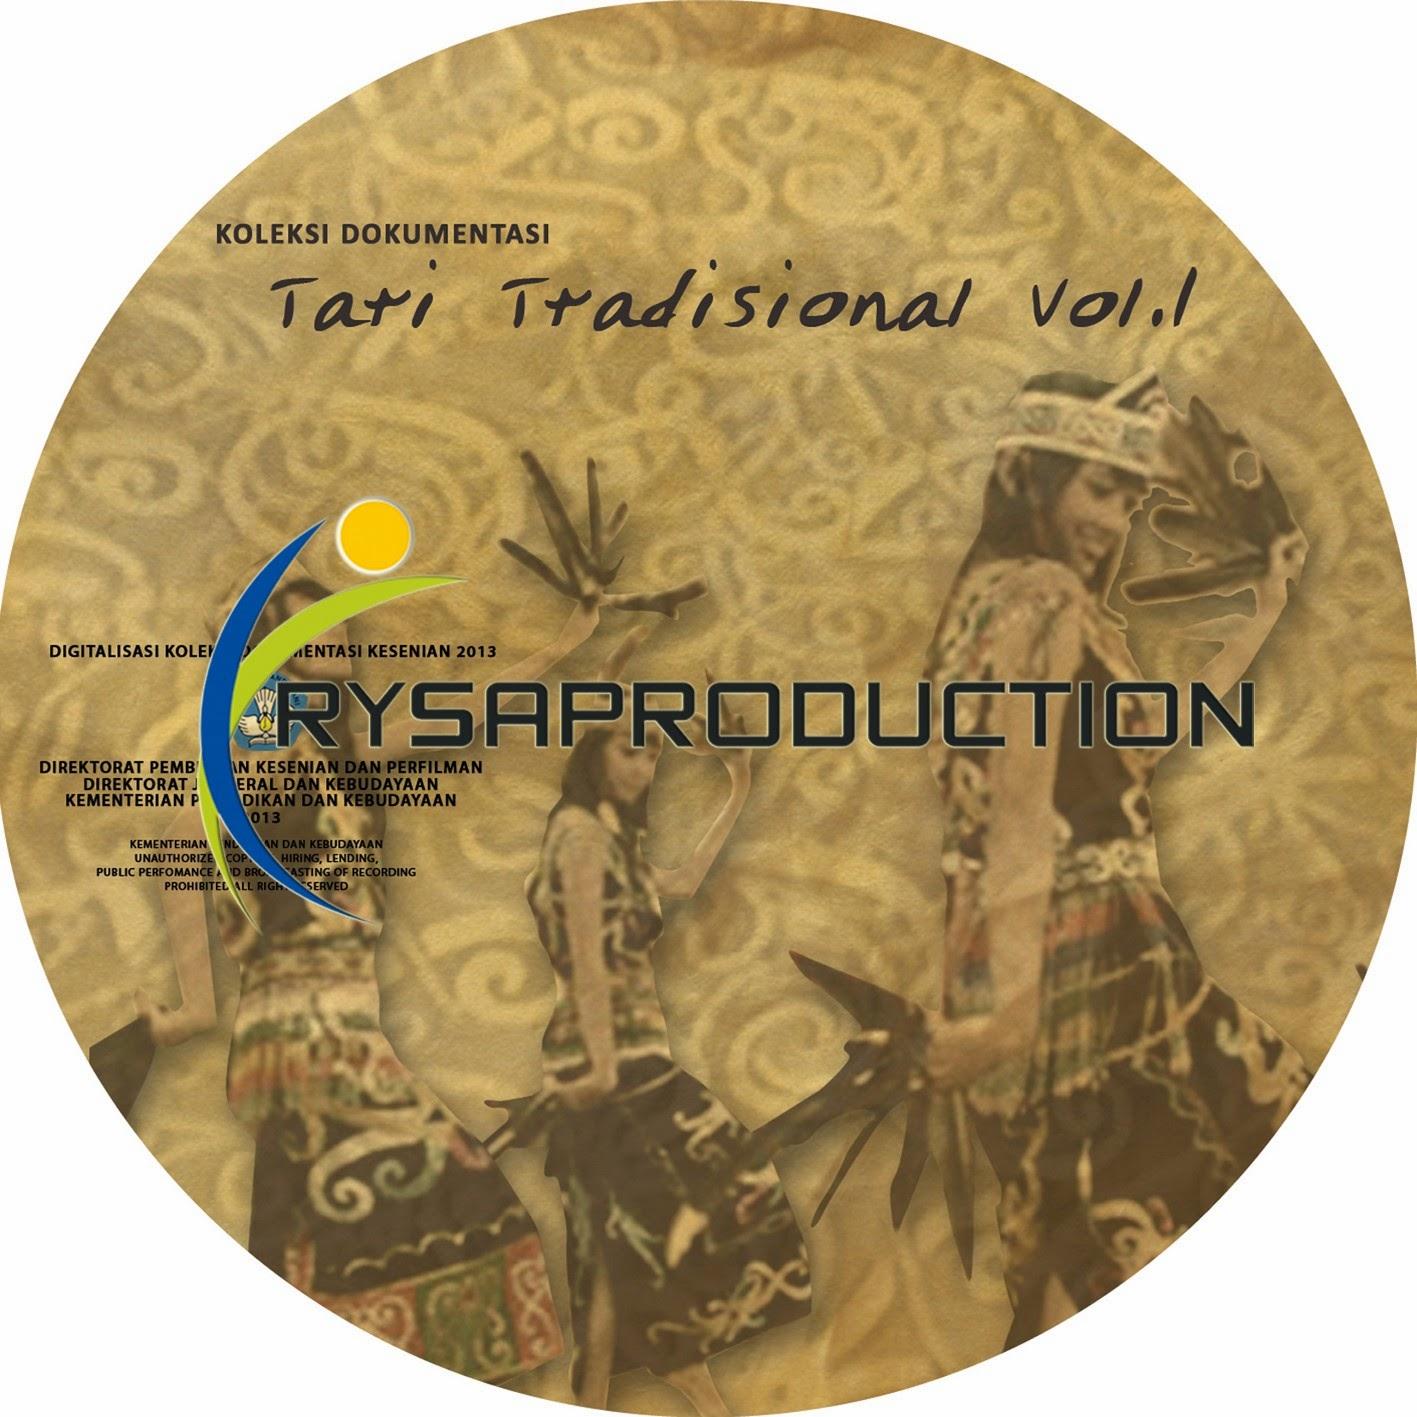 Dokumentasi Tari Tradisional